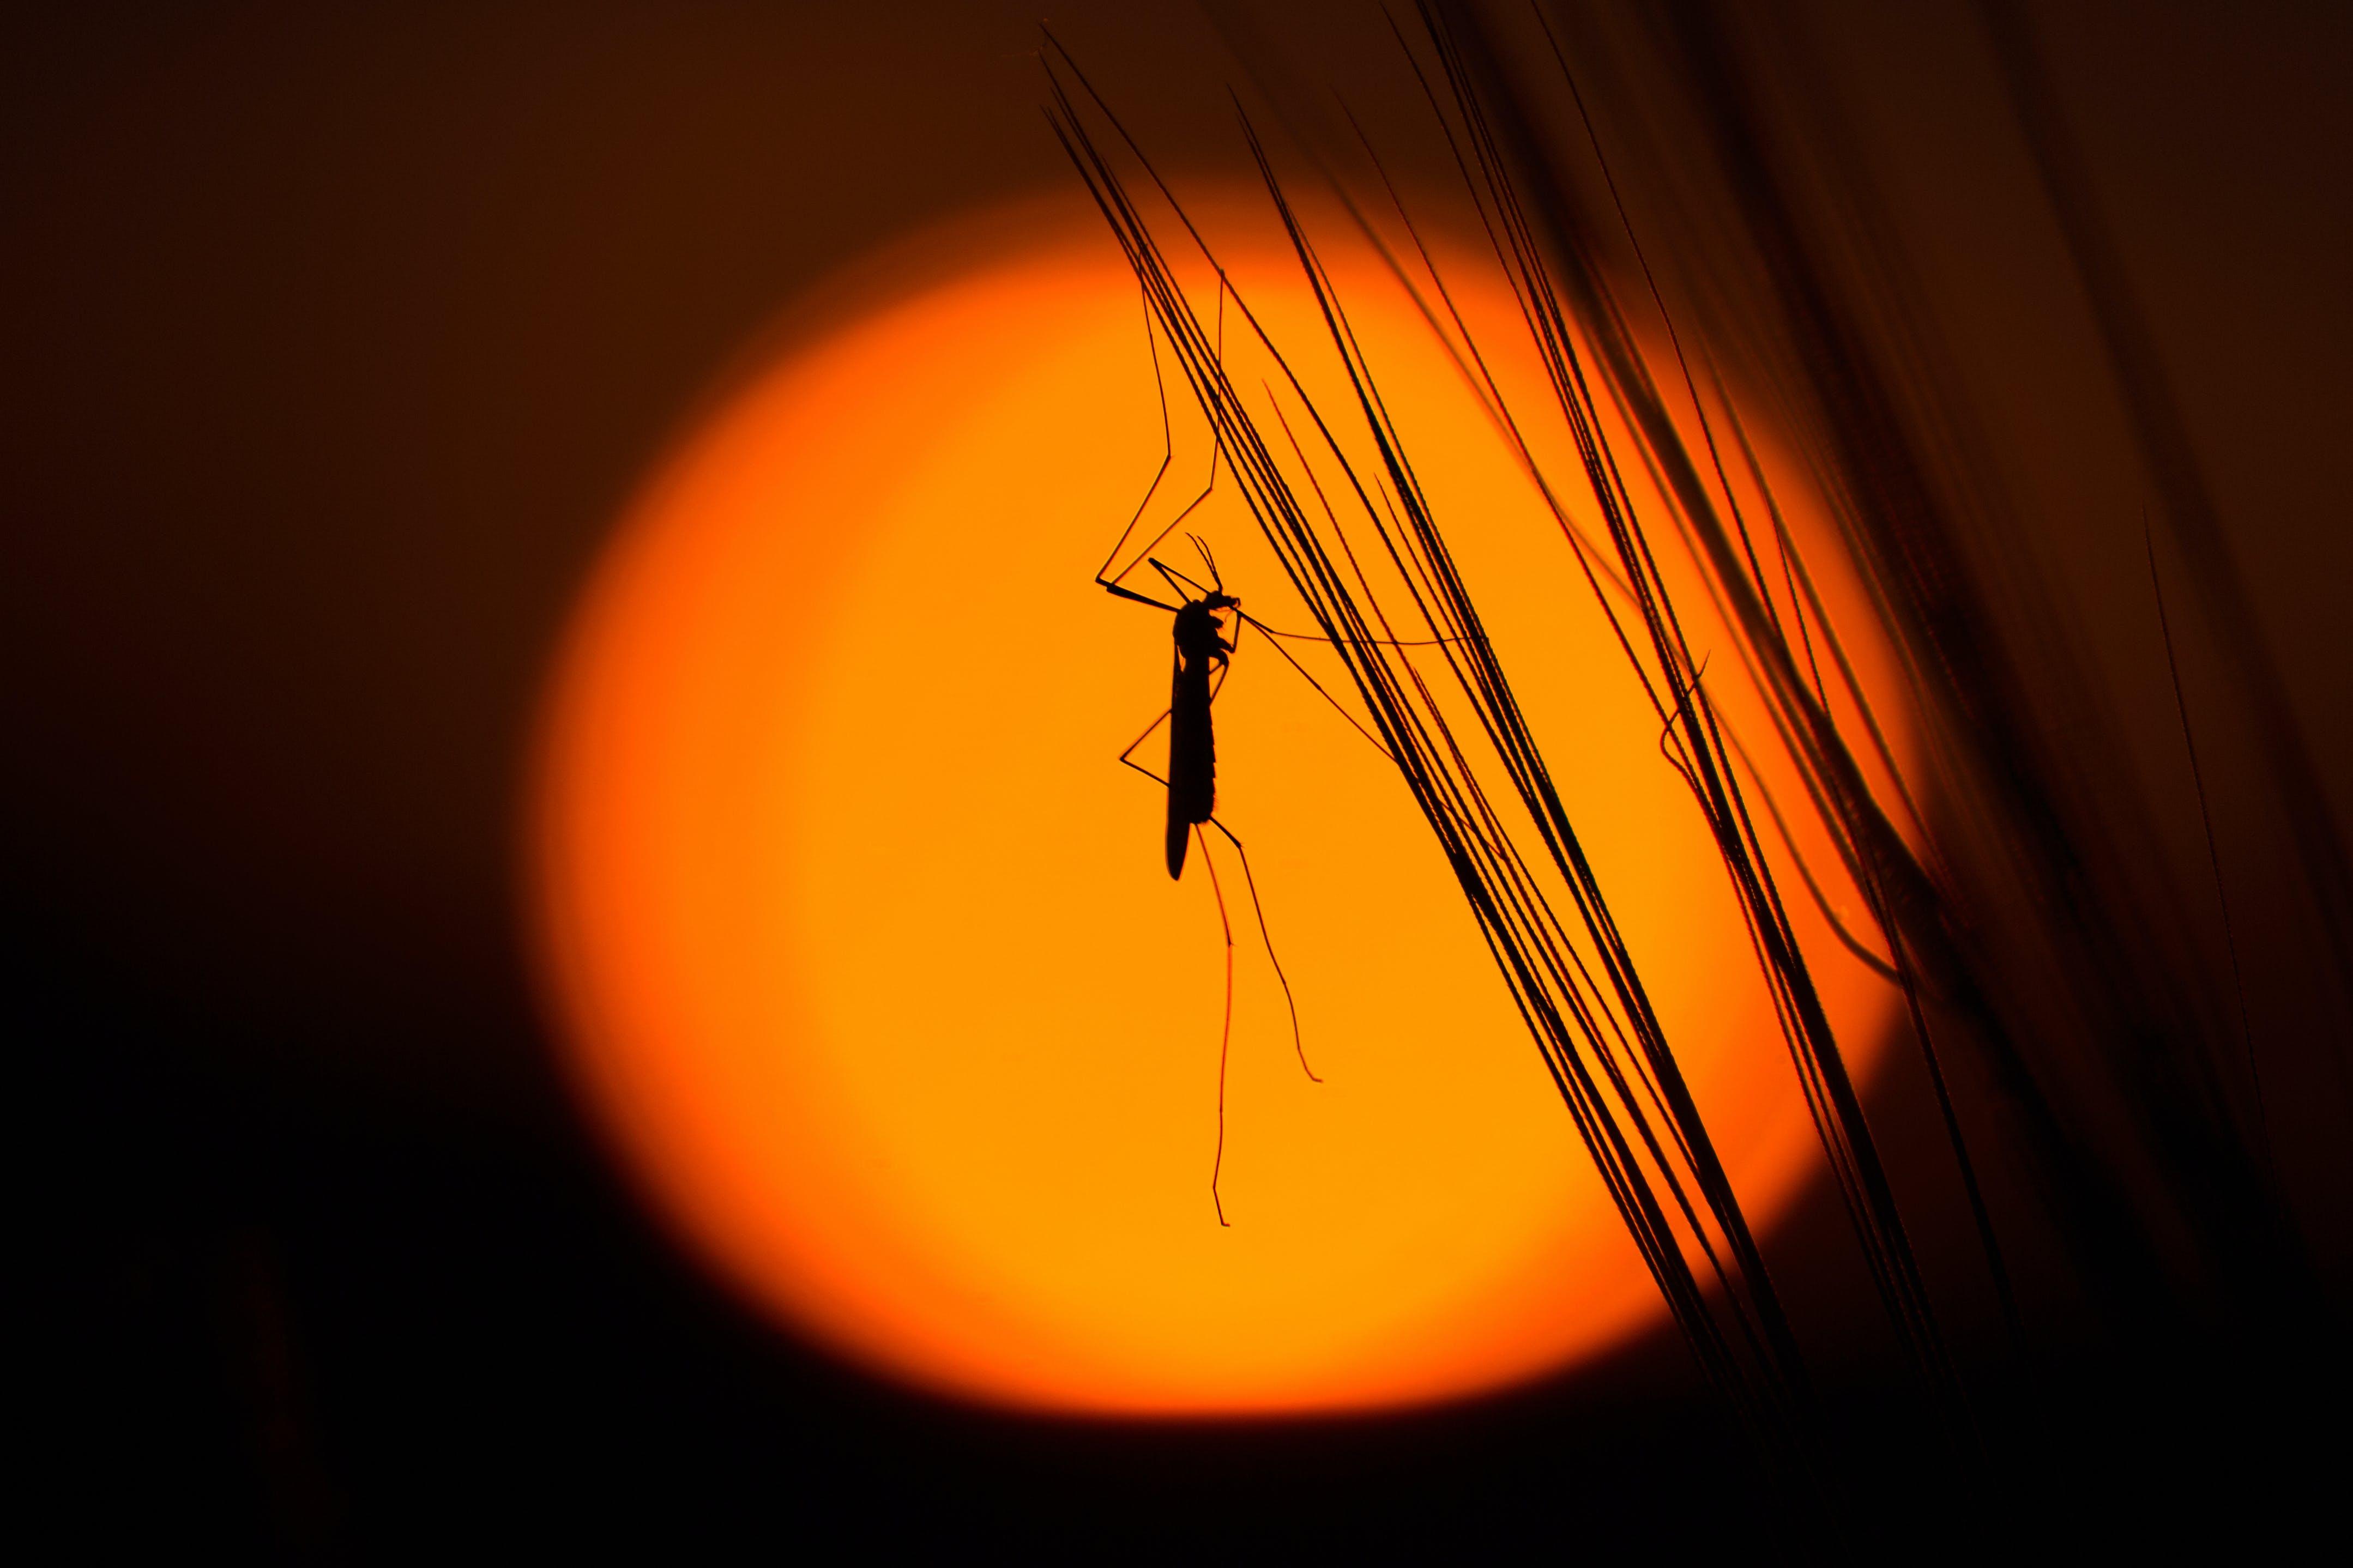 Kostenloses Stock Foto zu grashüpfer, insekt, silhouette